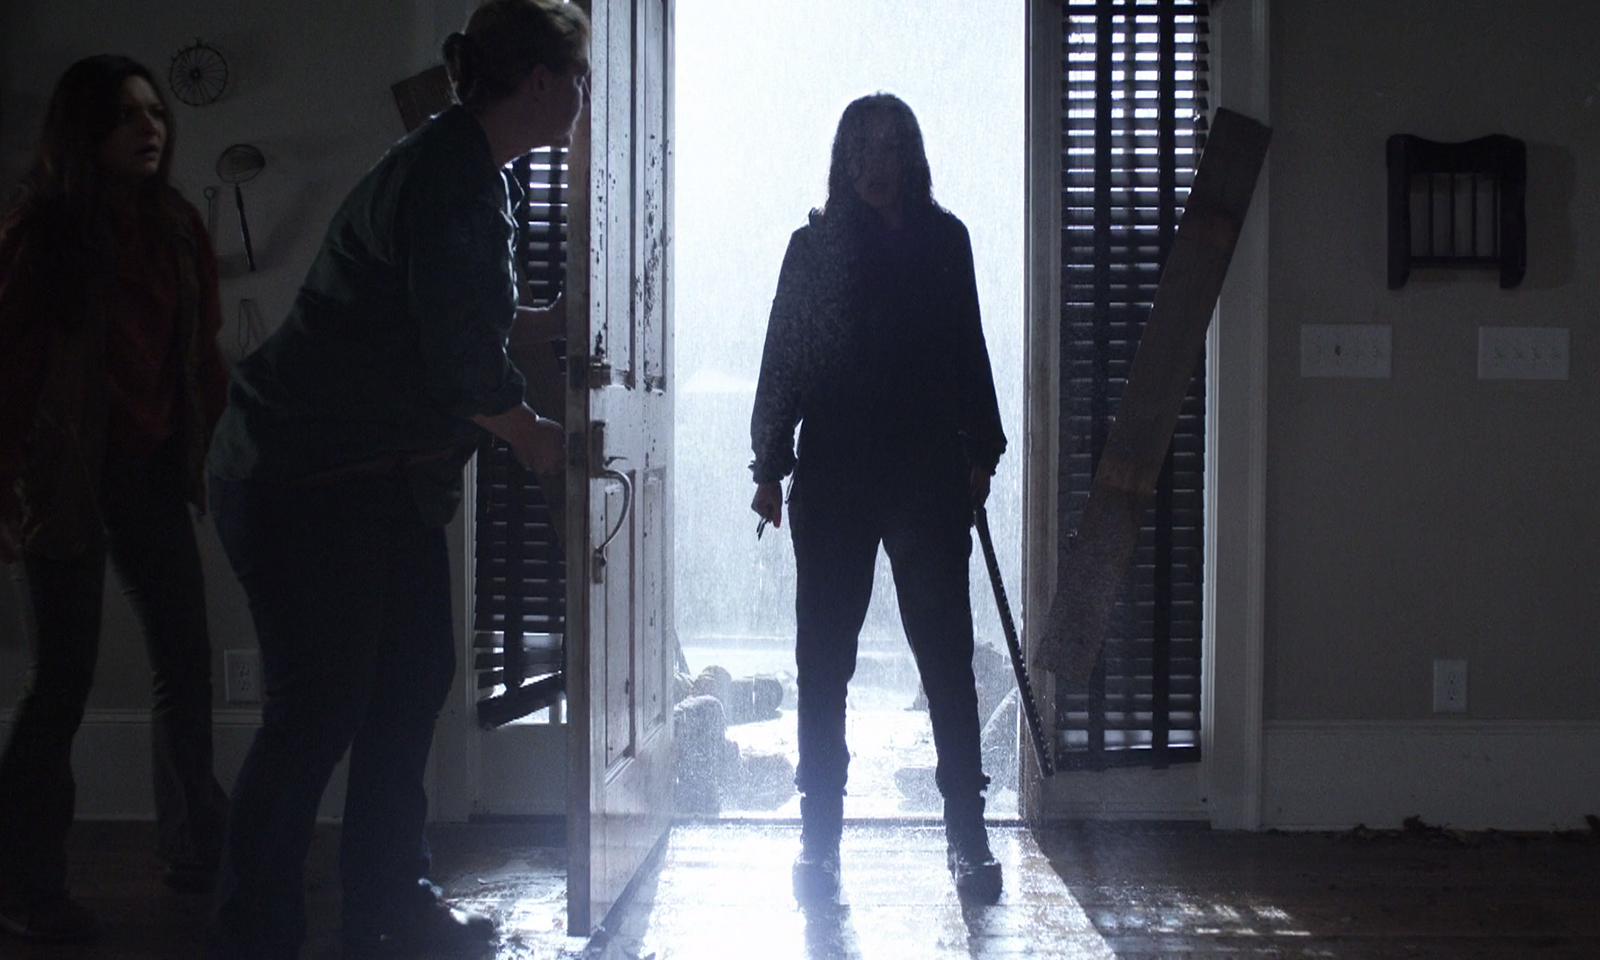 Rosita toda molhada da tempestada retornando para casa no episódio 8 da 11ª temporada de The Walking Dead.